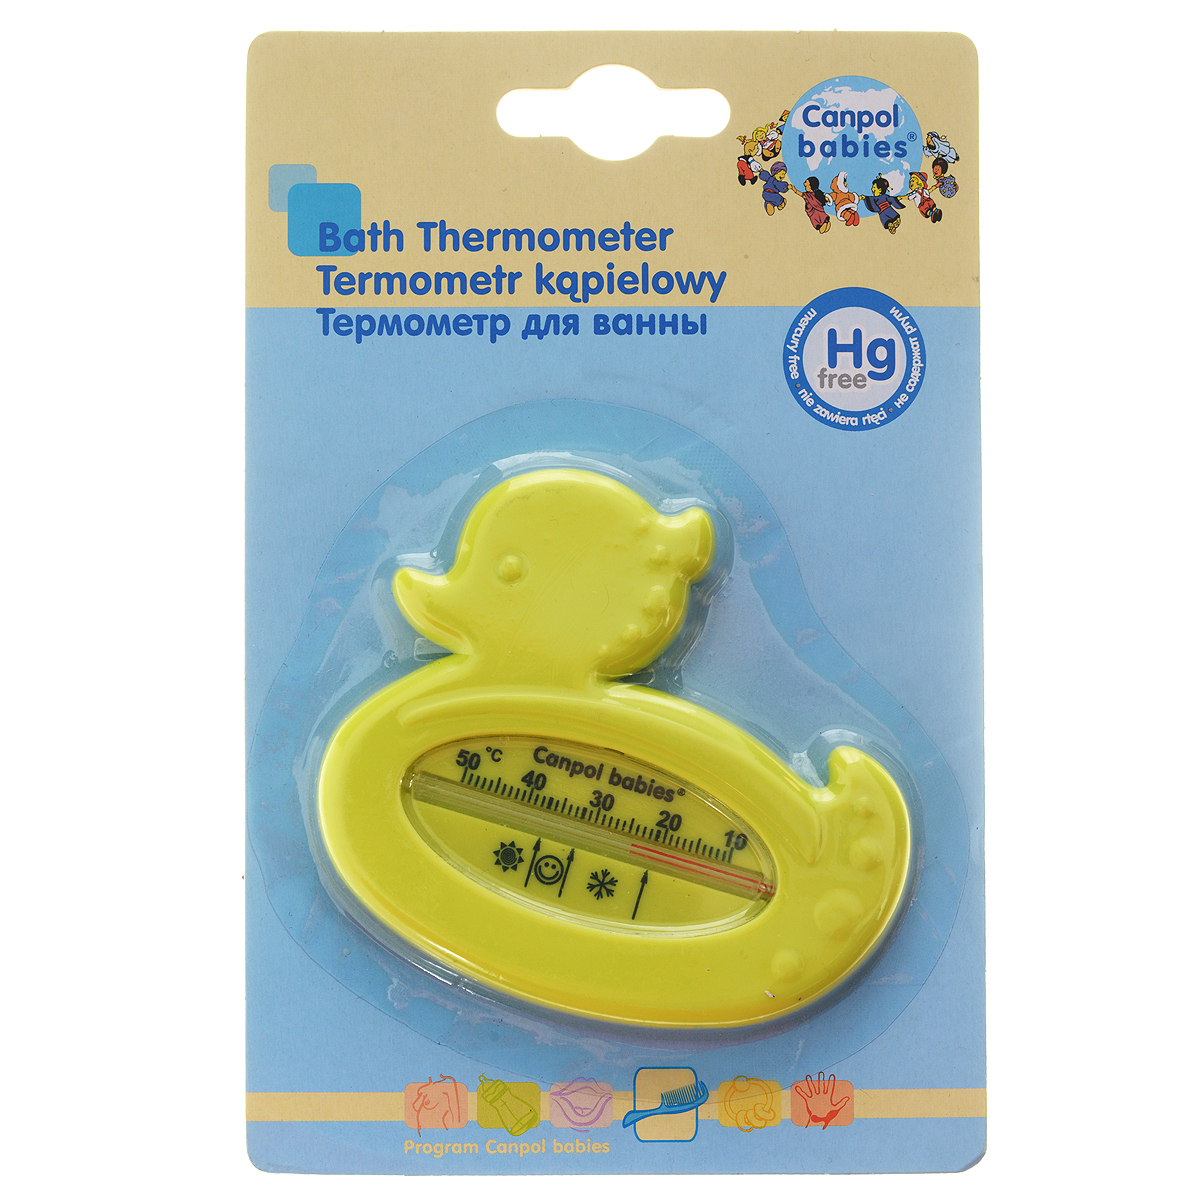 """Термометр для воды """"Canpol Babies"""" выполнен из безопасного материала в форме уточки. Термометр без использования ртути позволяет измерять температуру воды точно, а необычная форма будет привлекать внимание малыша во время купания. Оптимальная температура воды для ребенка от 32°С до 37°С отмечена на шкале изображением смайлика."""